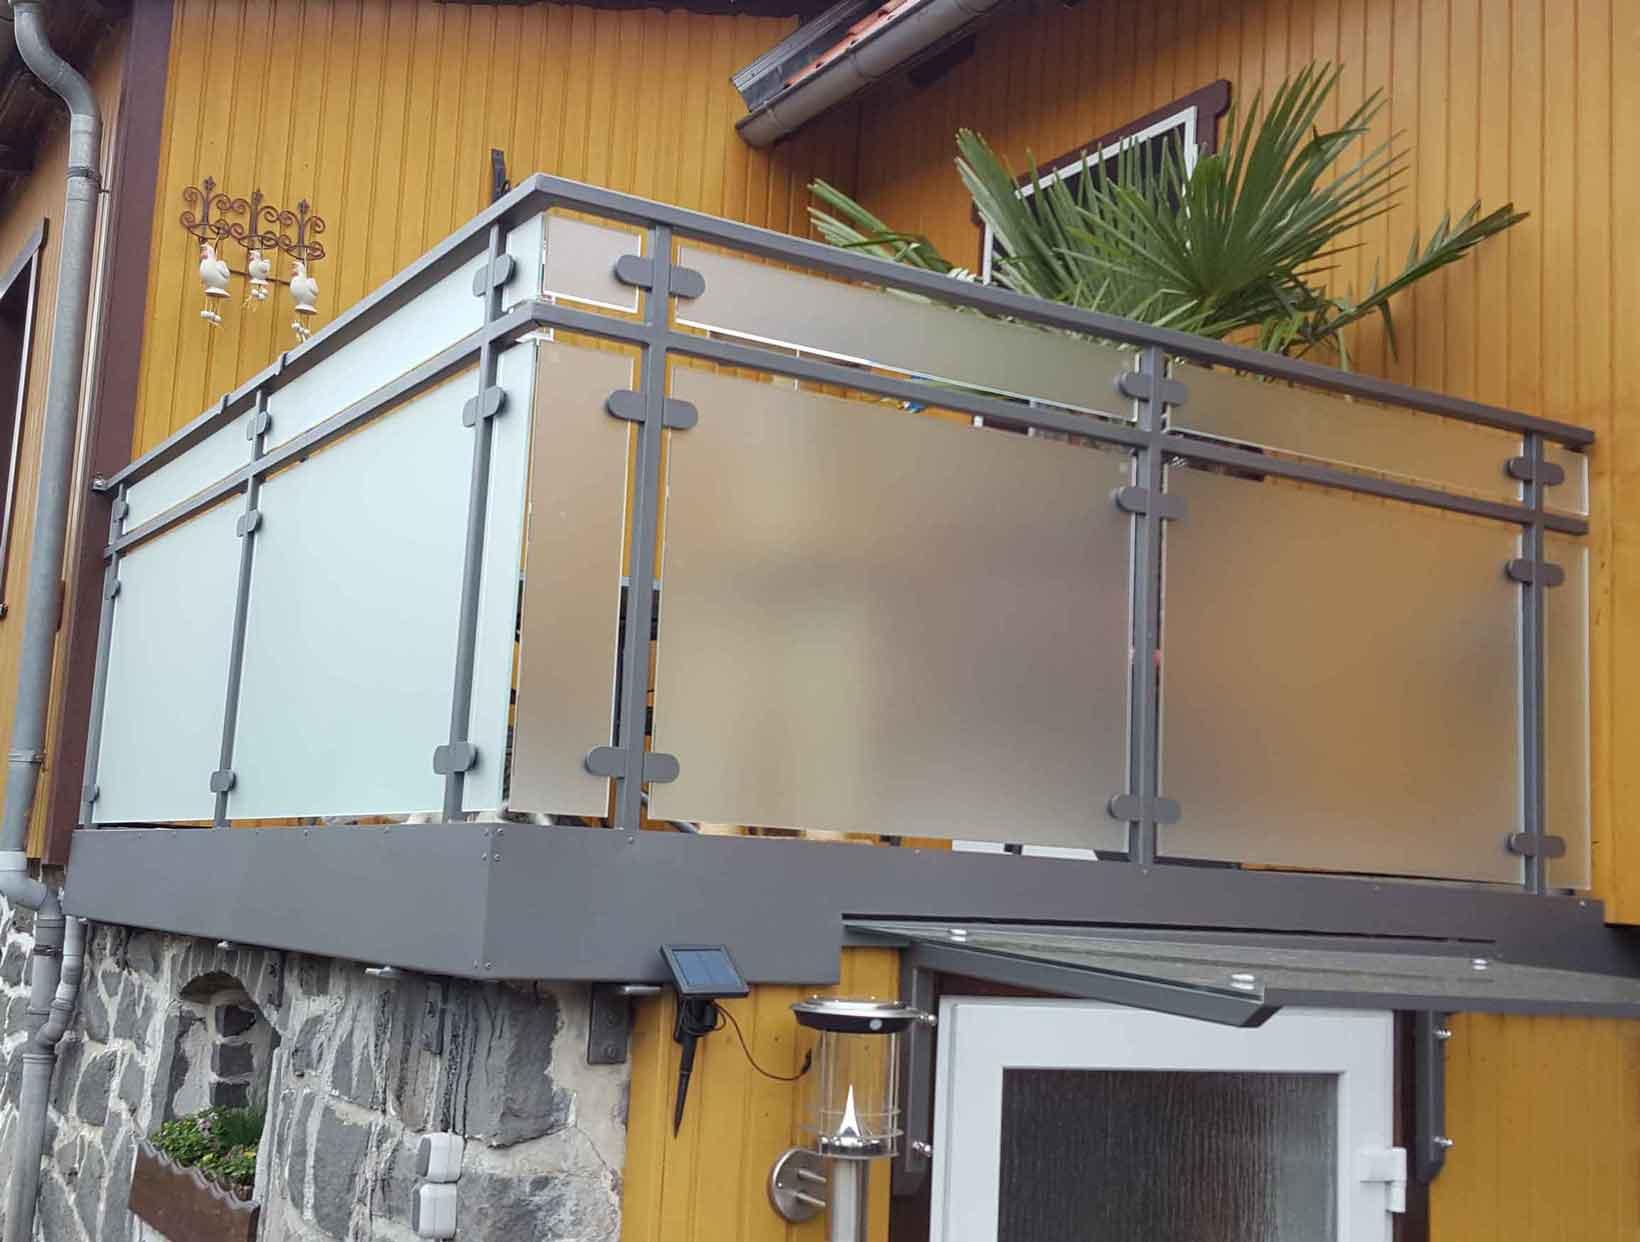 Hirsch Metallbau Balkongeländer 022 - Balkongeländer-22